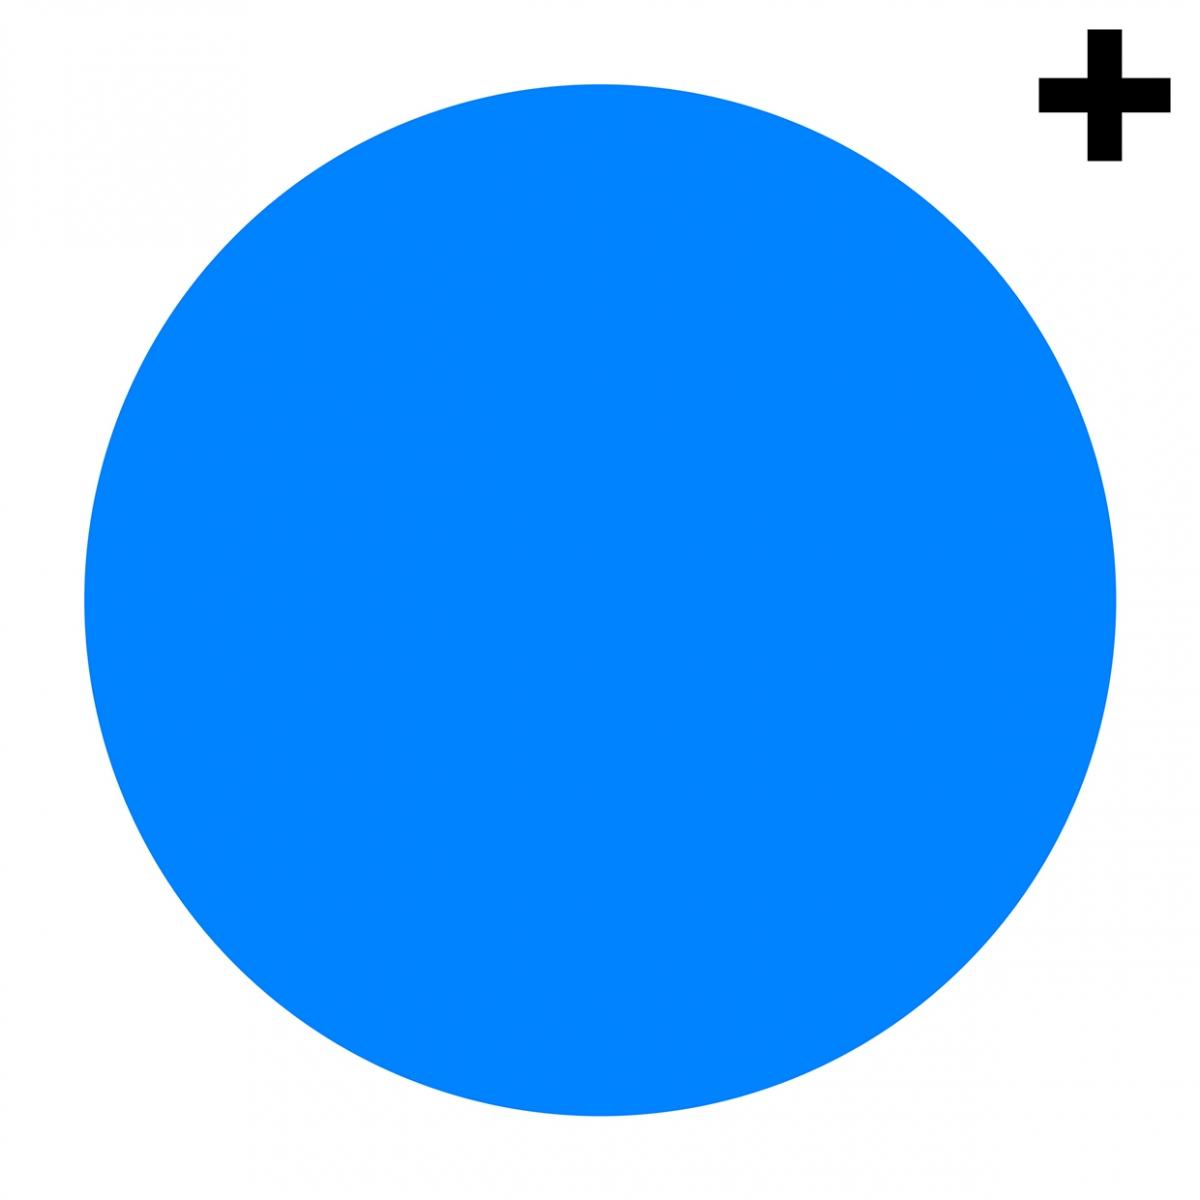 Imagen en la que se ve un círculo de color azul